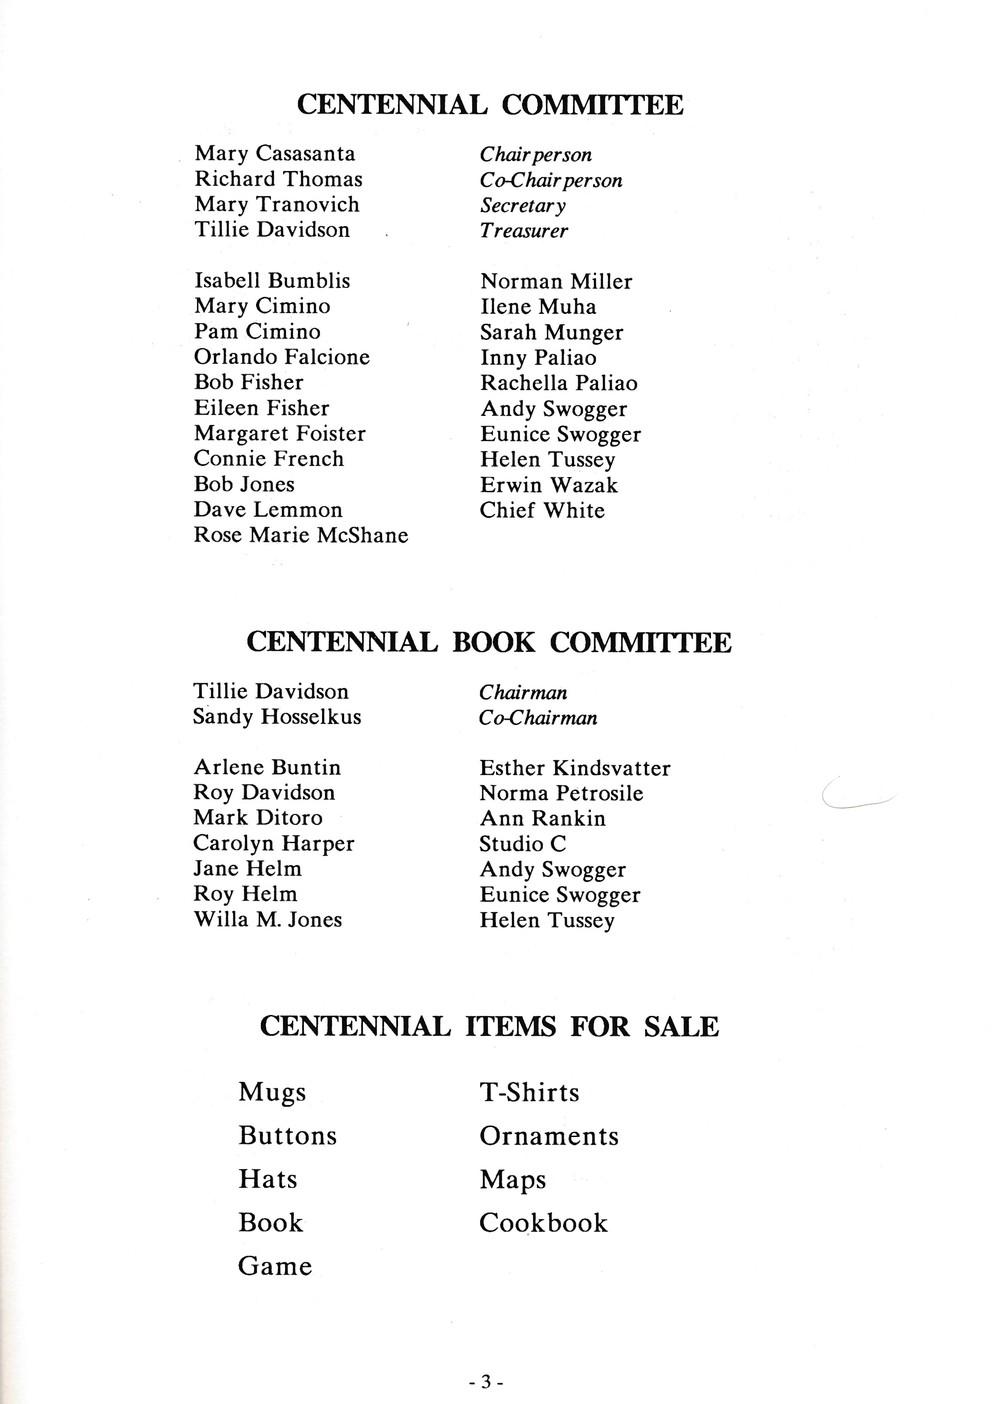 Coraopolis Centennial Booklet (5).jpg